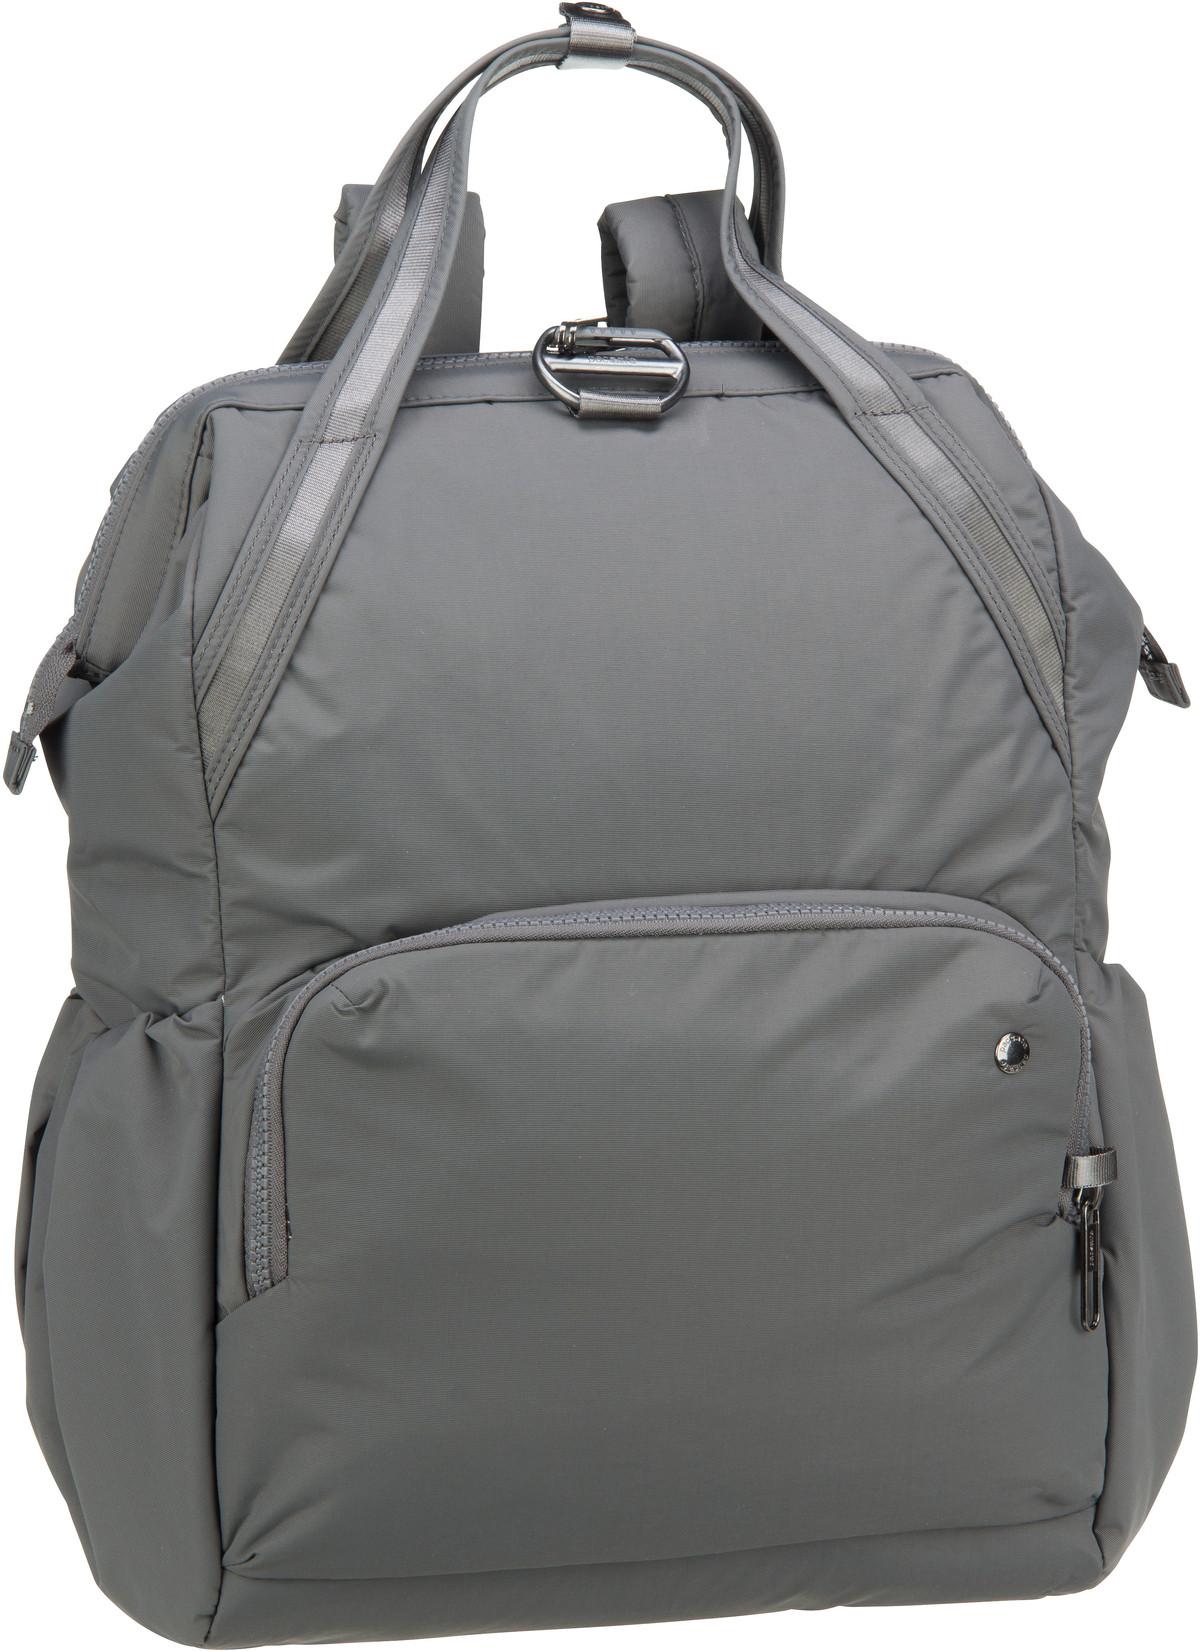 Rucksaecke - Pacsafe Laptoprucksack Citysafe CX Backpack Econyl Storm (17 Liter)  - Onlineshop Taschenkaufhaus